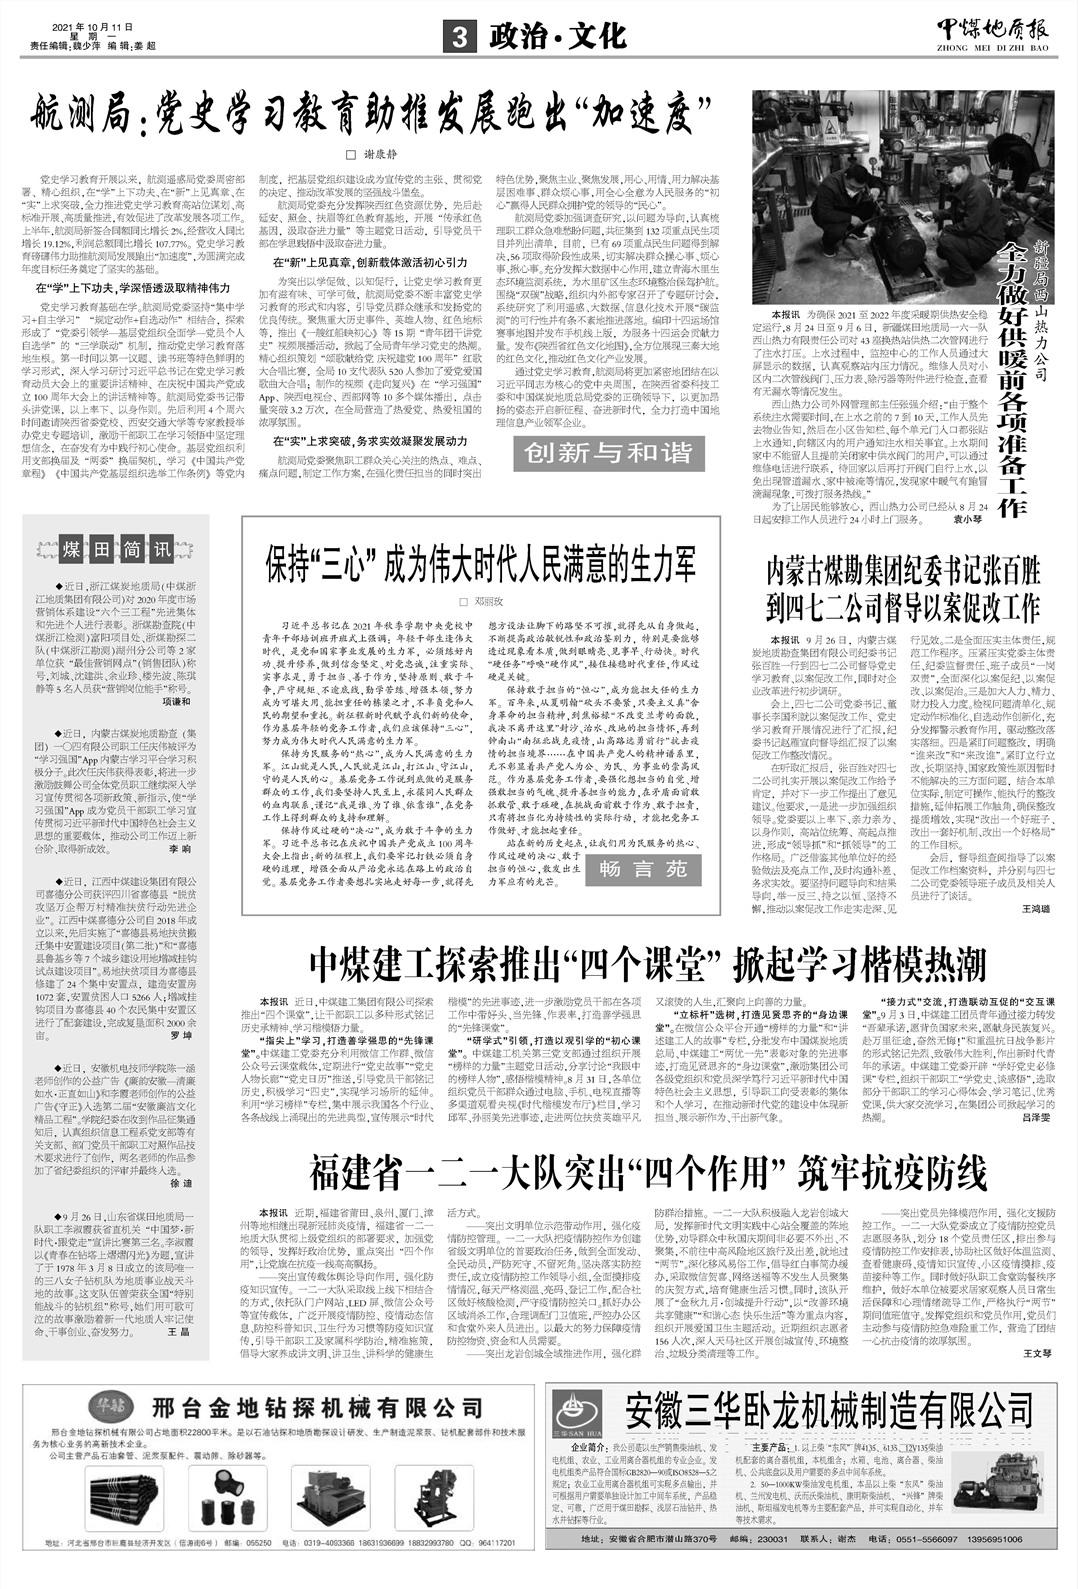 中煤地质报政治·文化